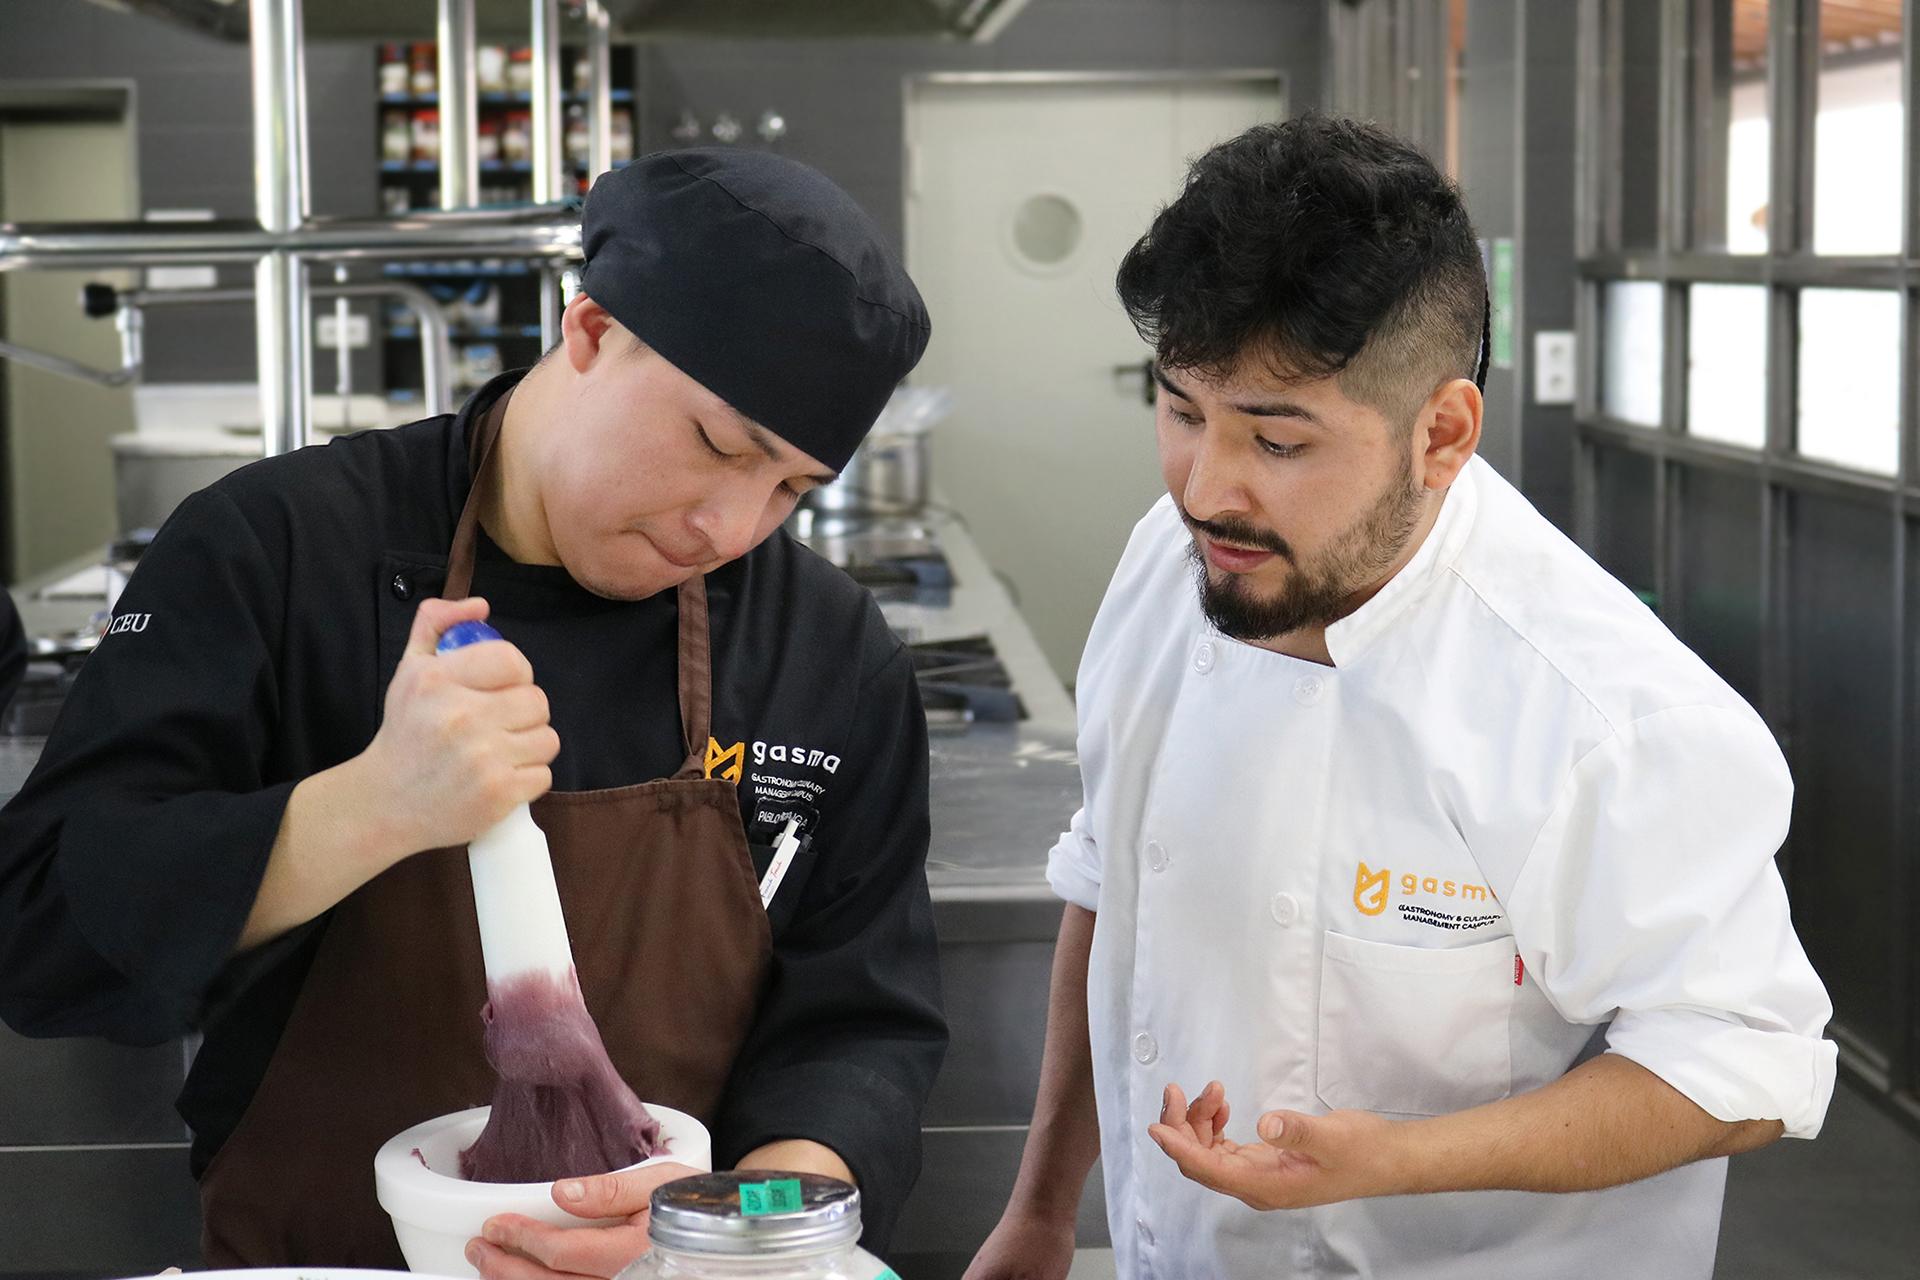 El futuro de la gastronomía se escribe en Gasma